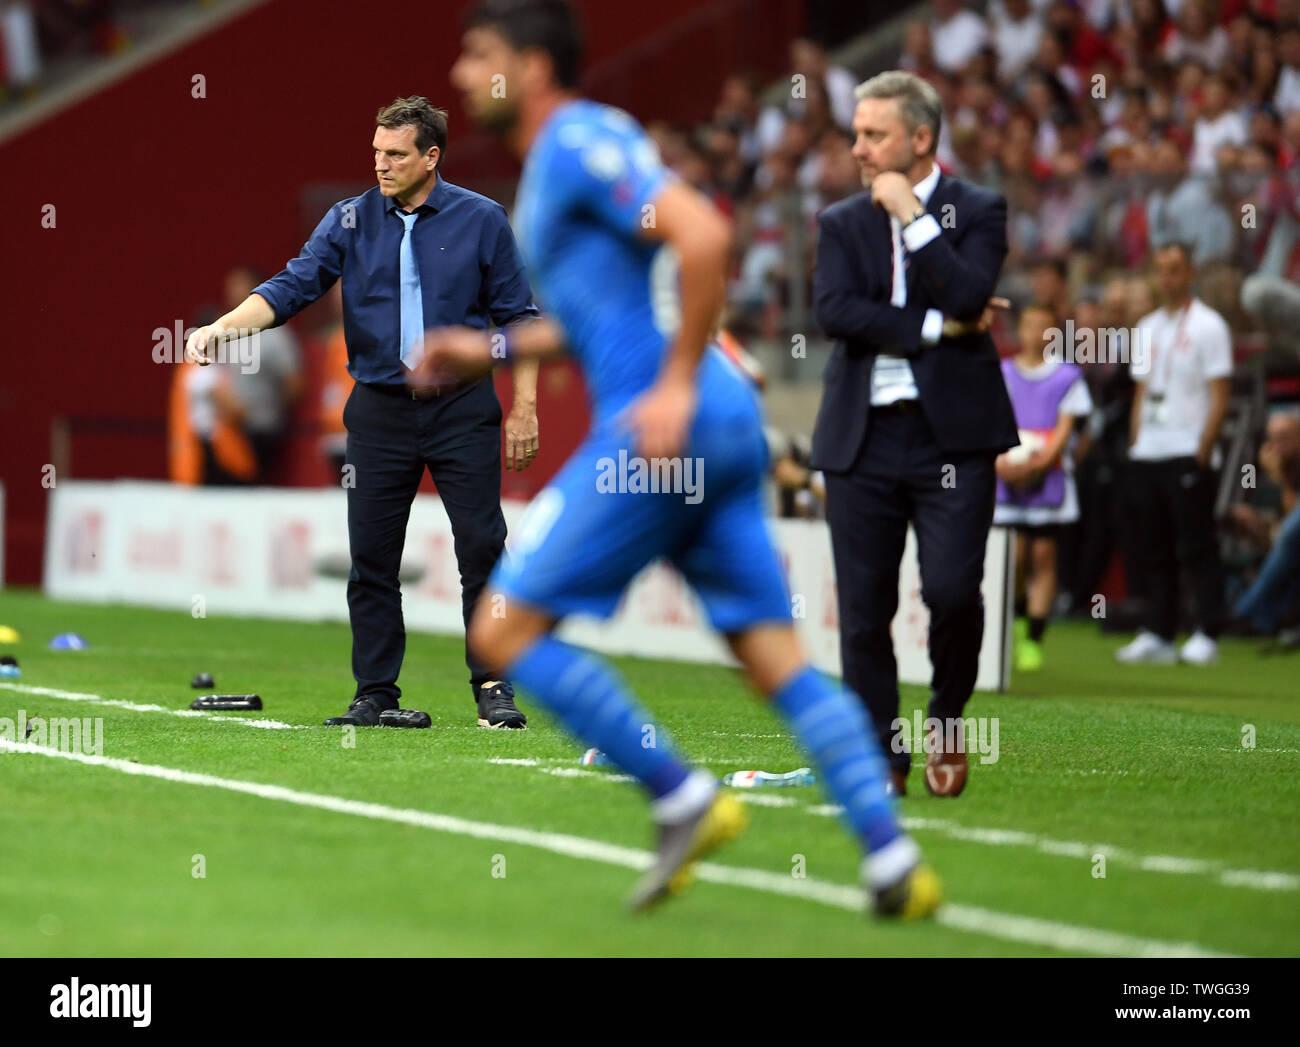 Warsaw, Poland, June 10, 2019: EURO 2020 qualifing round, group stage, Poland wins 4:0 with Izarel on PGE Narodowy. Andreas Herzog coach (Izrael) Jerzy Brzeczek Coach (Poland) - Stock Image